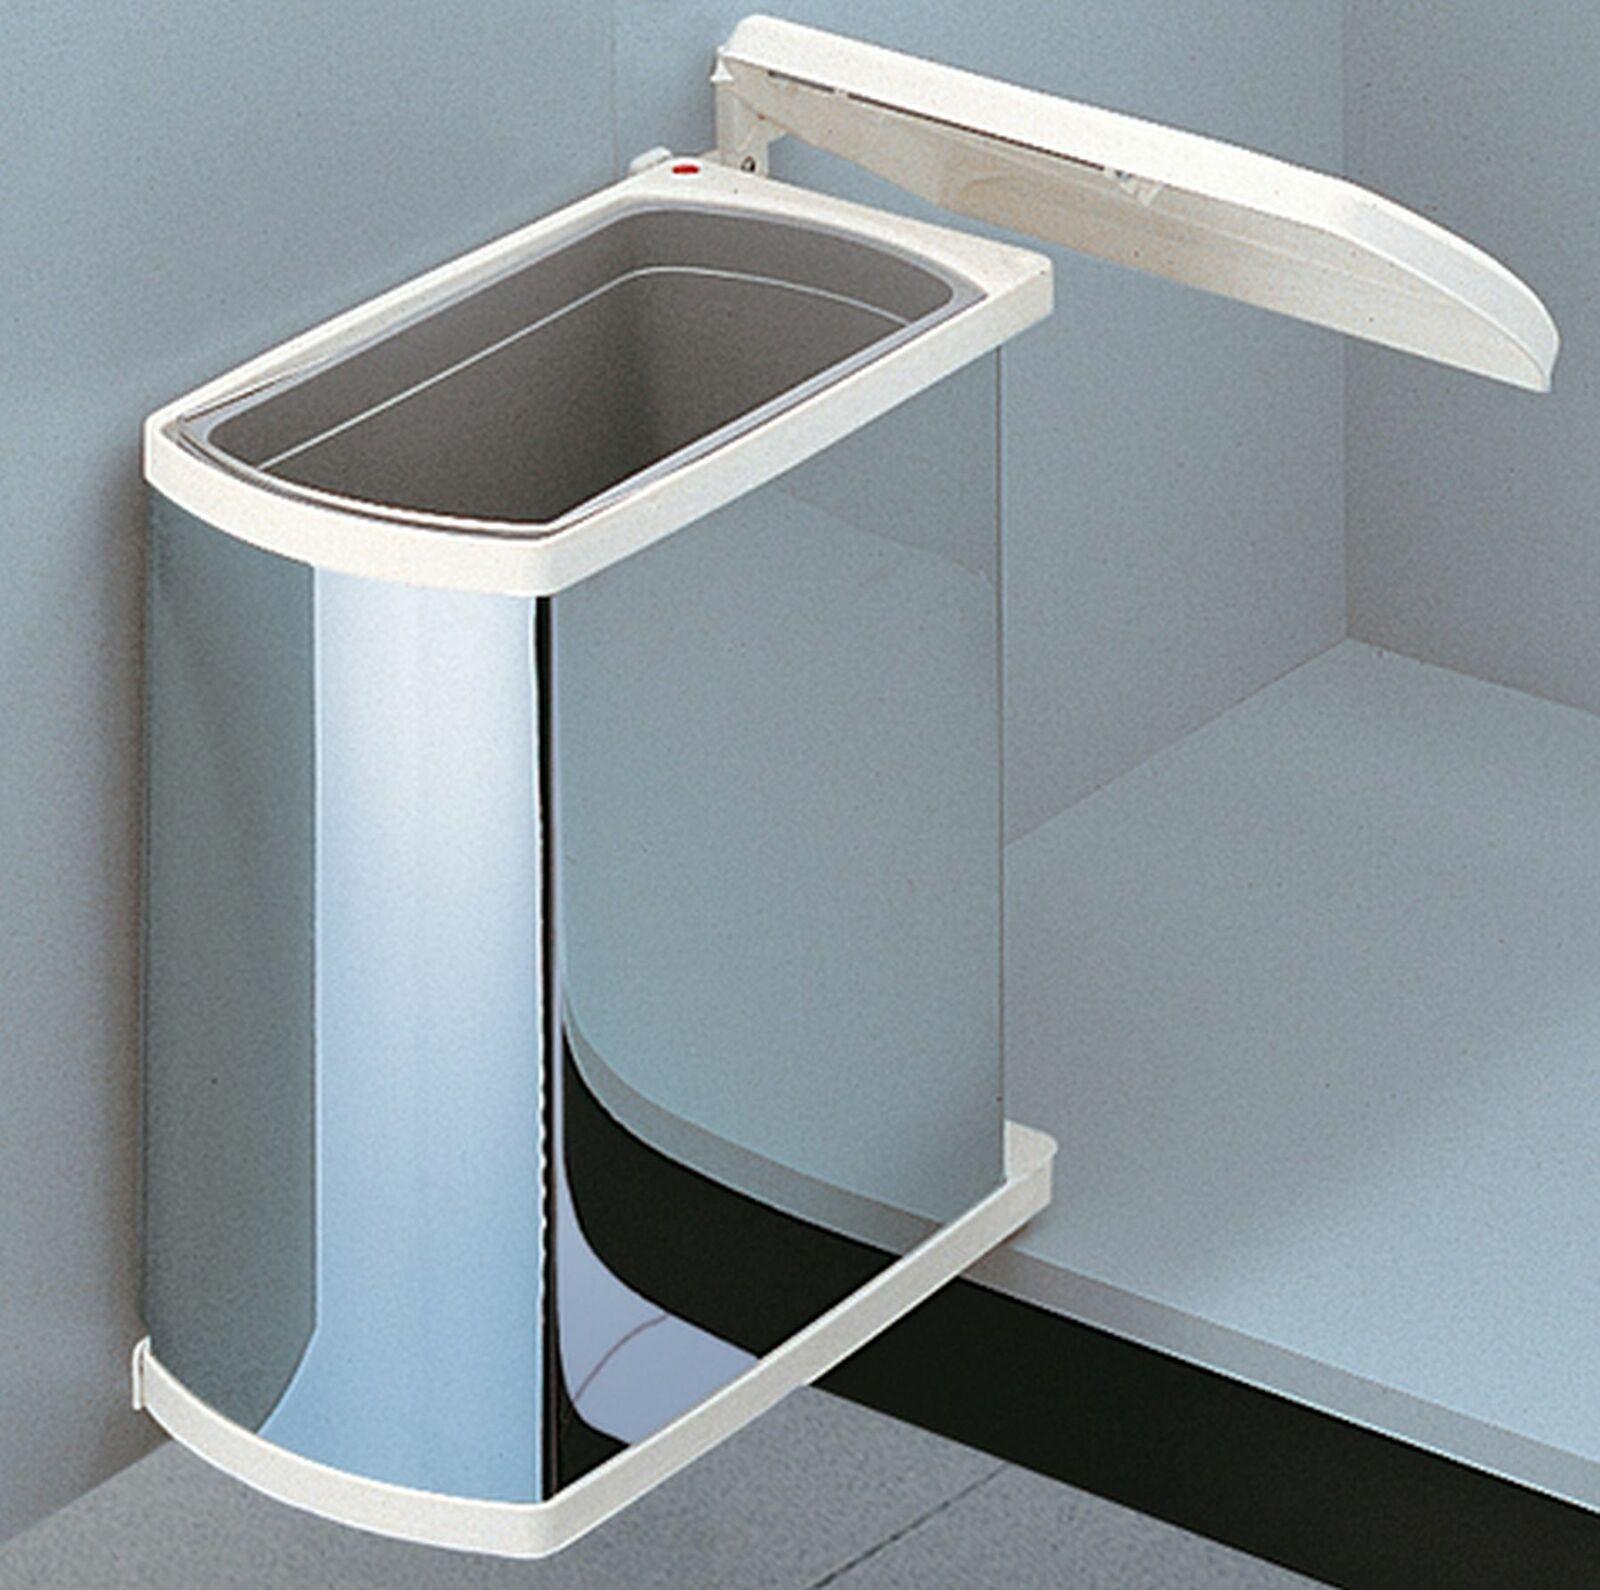 Küchen Mülleimer Hailo Uno Schrank ab 45 cm Kosmetikeimer Abfalleimer *43428